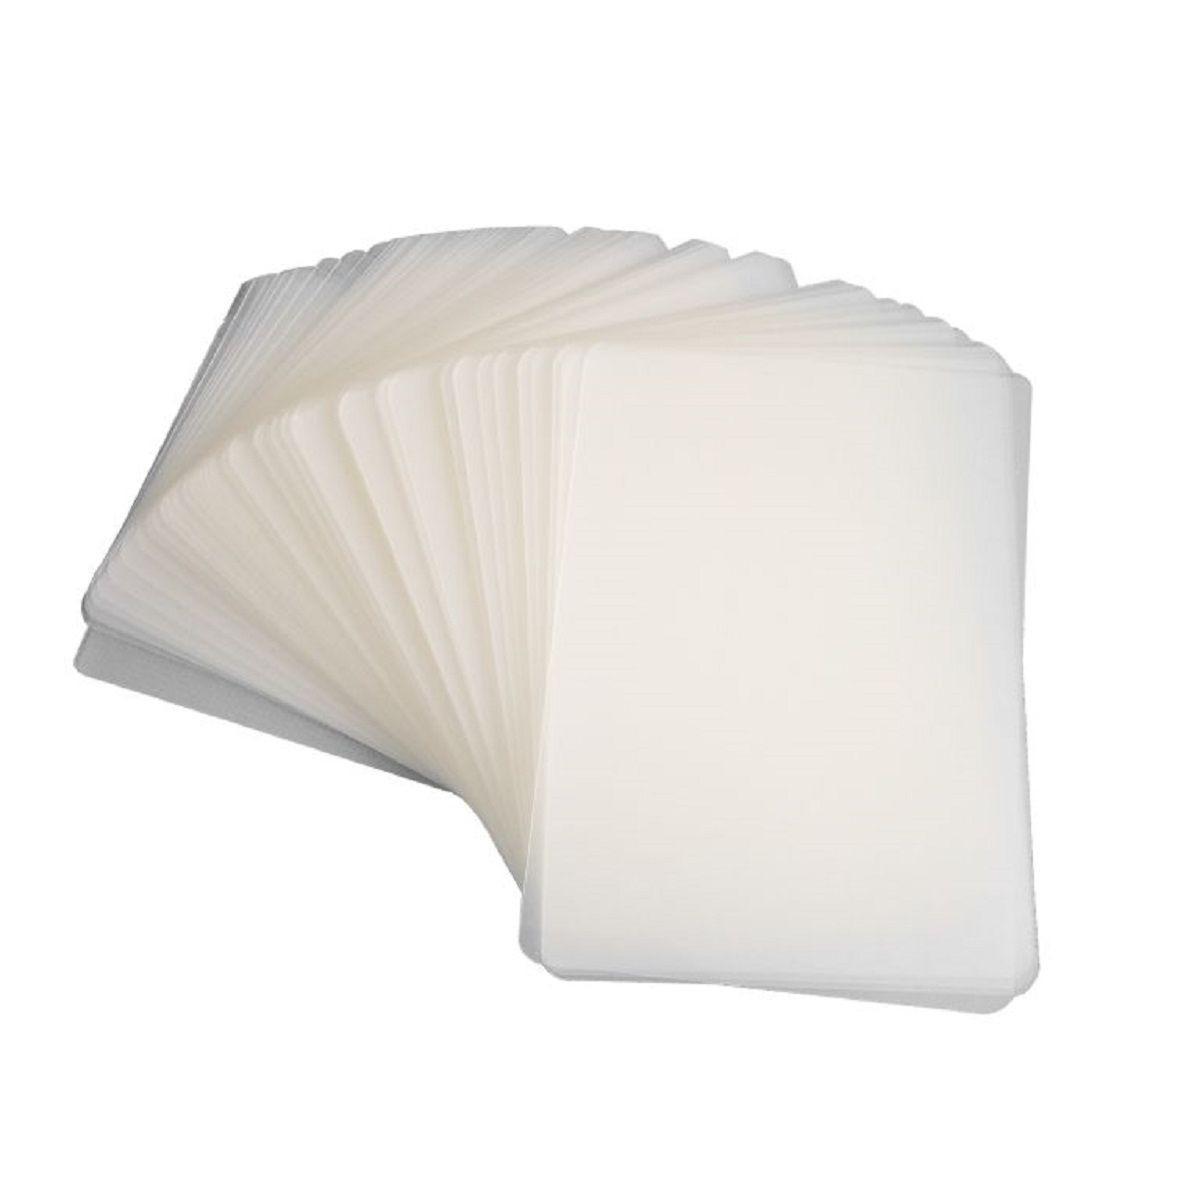 Kit 1000 Plasticos Polaseal para Plastificação Oficio 226x340x0,10mm (250 micras)  - Click Suprimentos